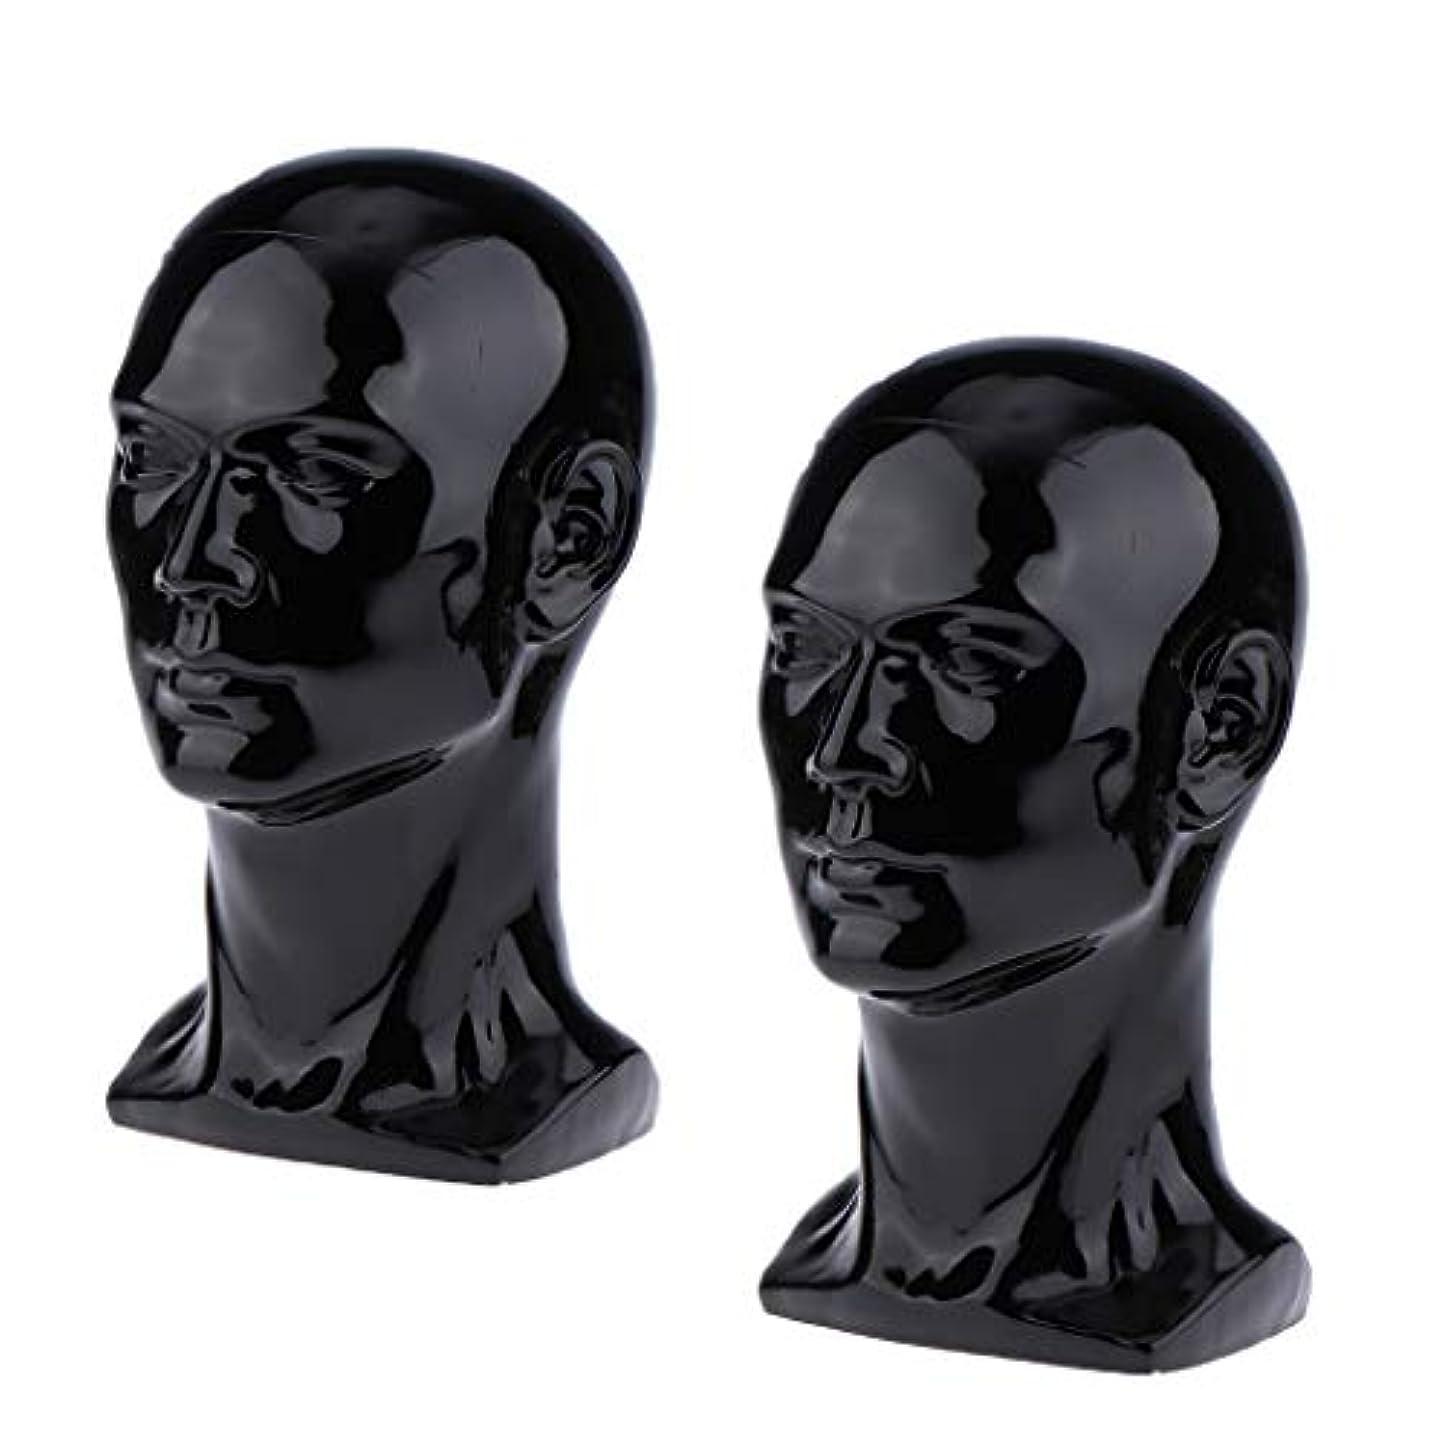 スタウト黒それToygogo 2×男性マネキンマネキンヘッドメガネキャップかつらジュエリーディスモデル